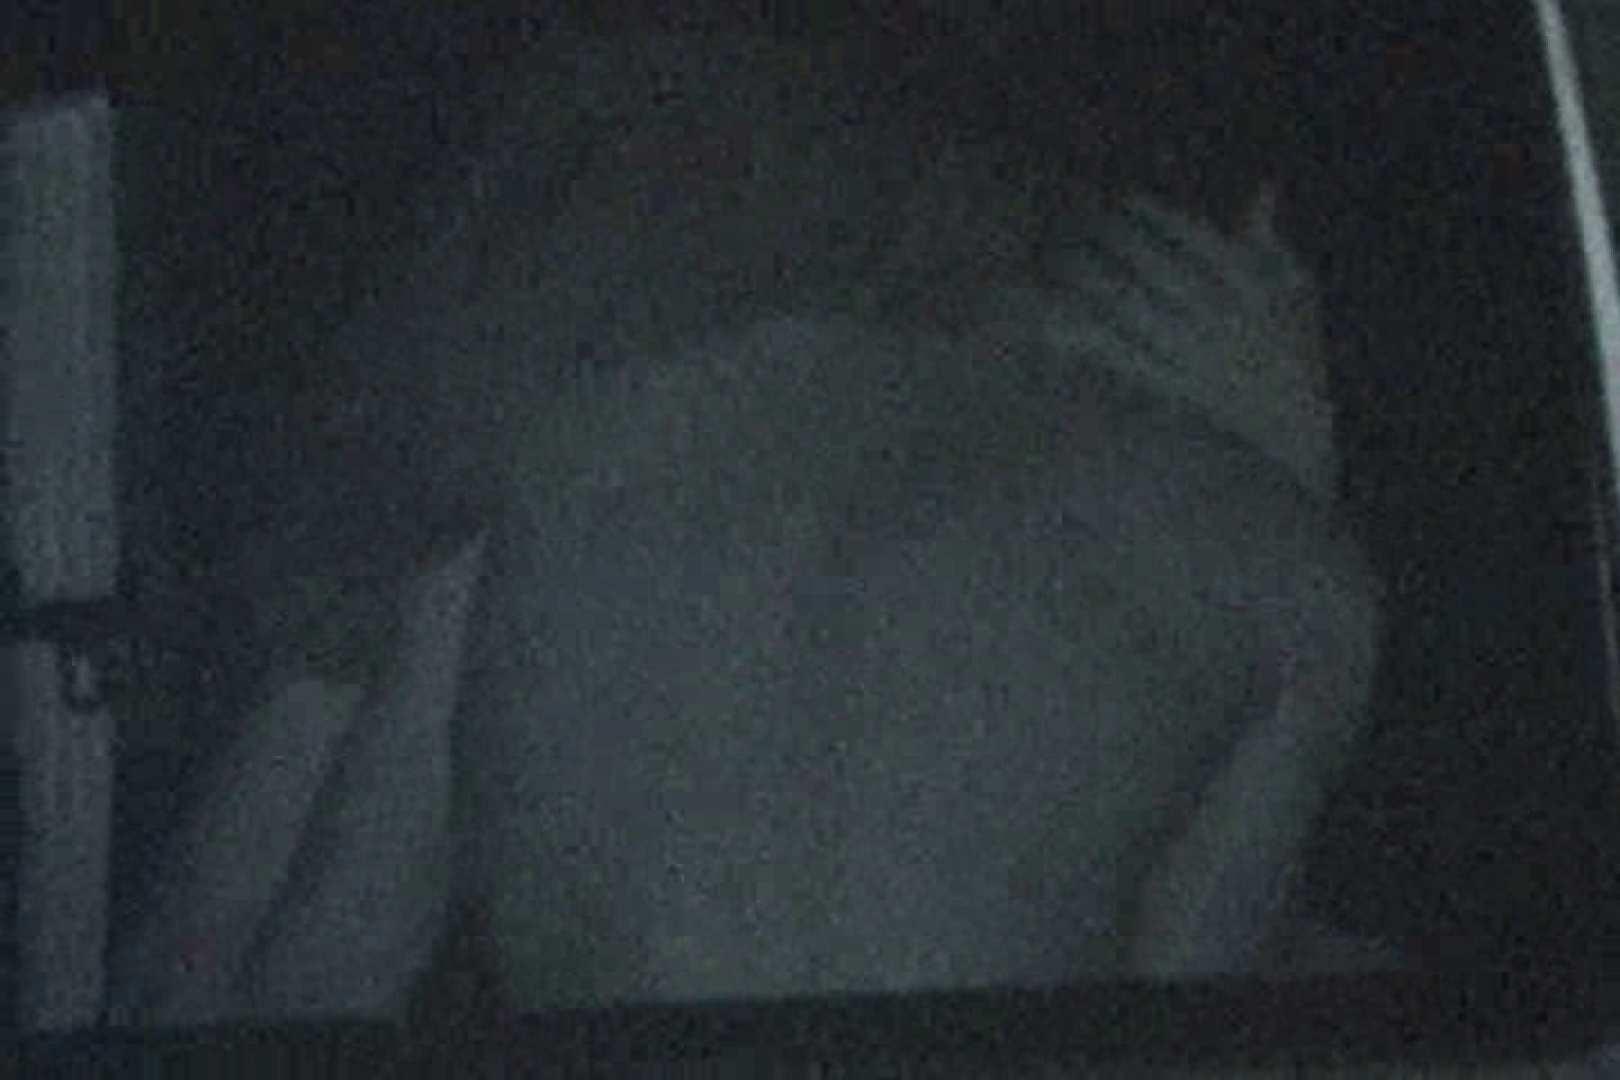 充血監督の深夜の運動会Vol.5 エッチなセックス  64画像 10